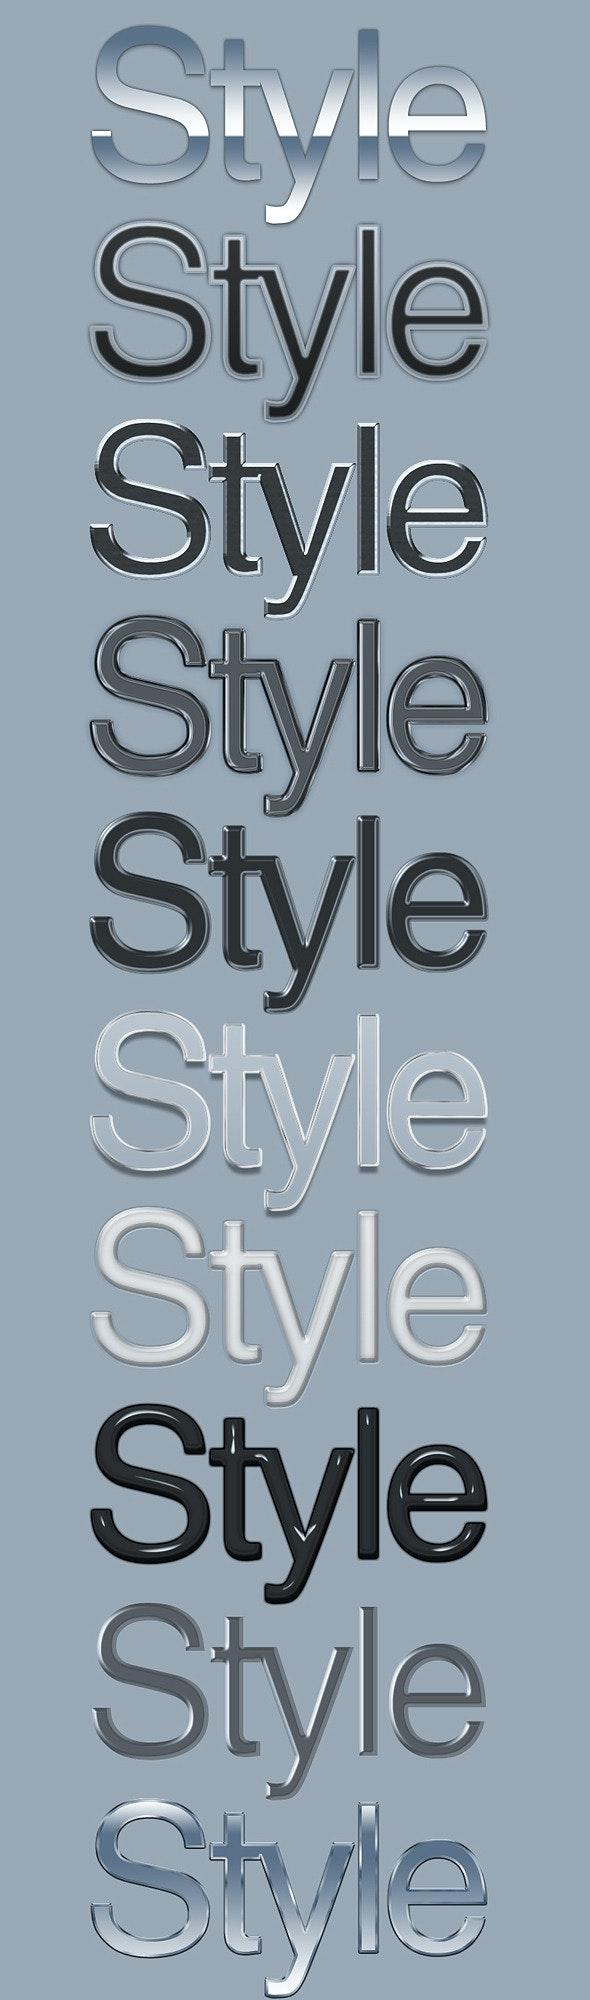 10 Elegant Text Styles - Text Effects Styles